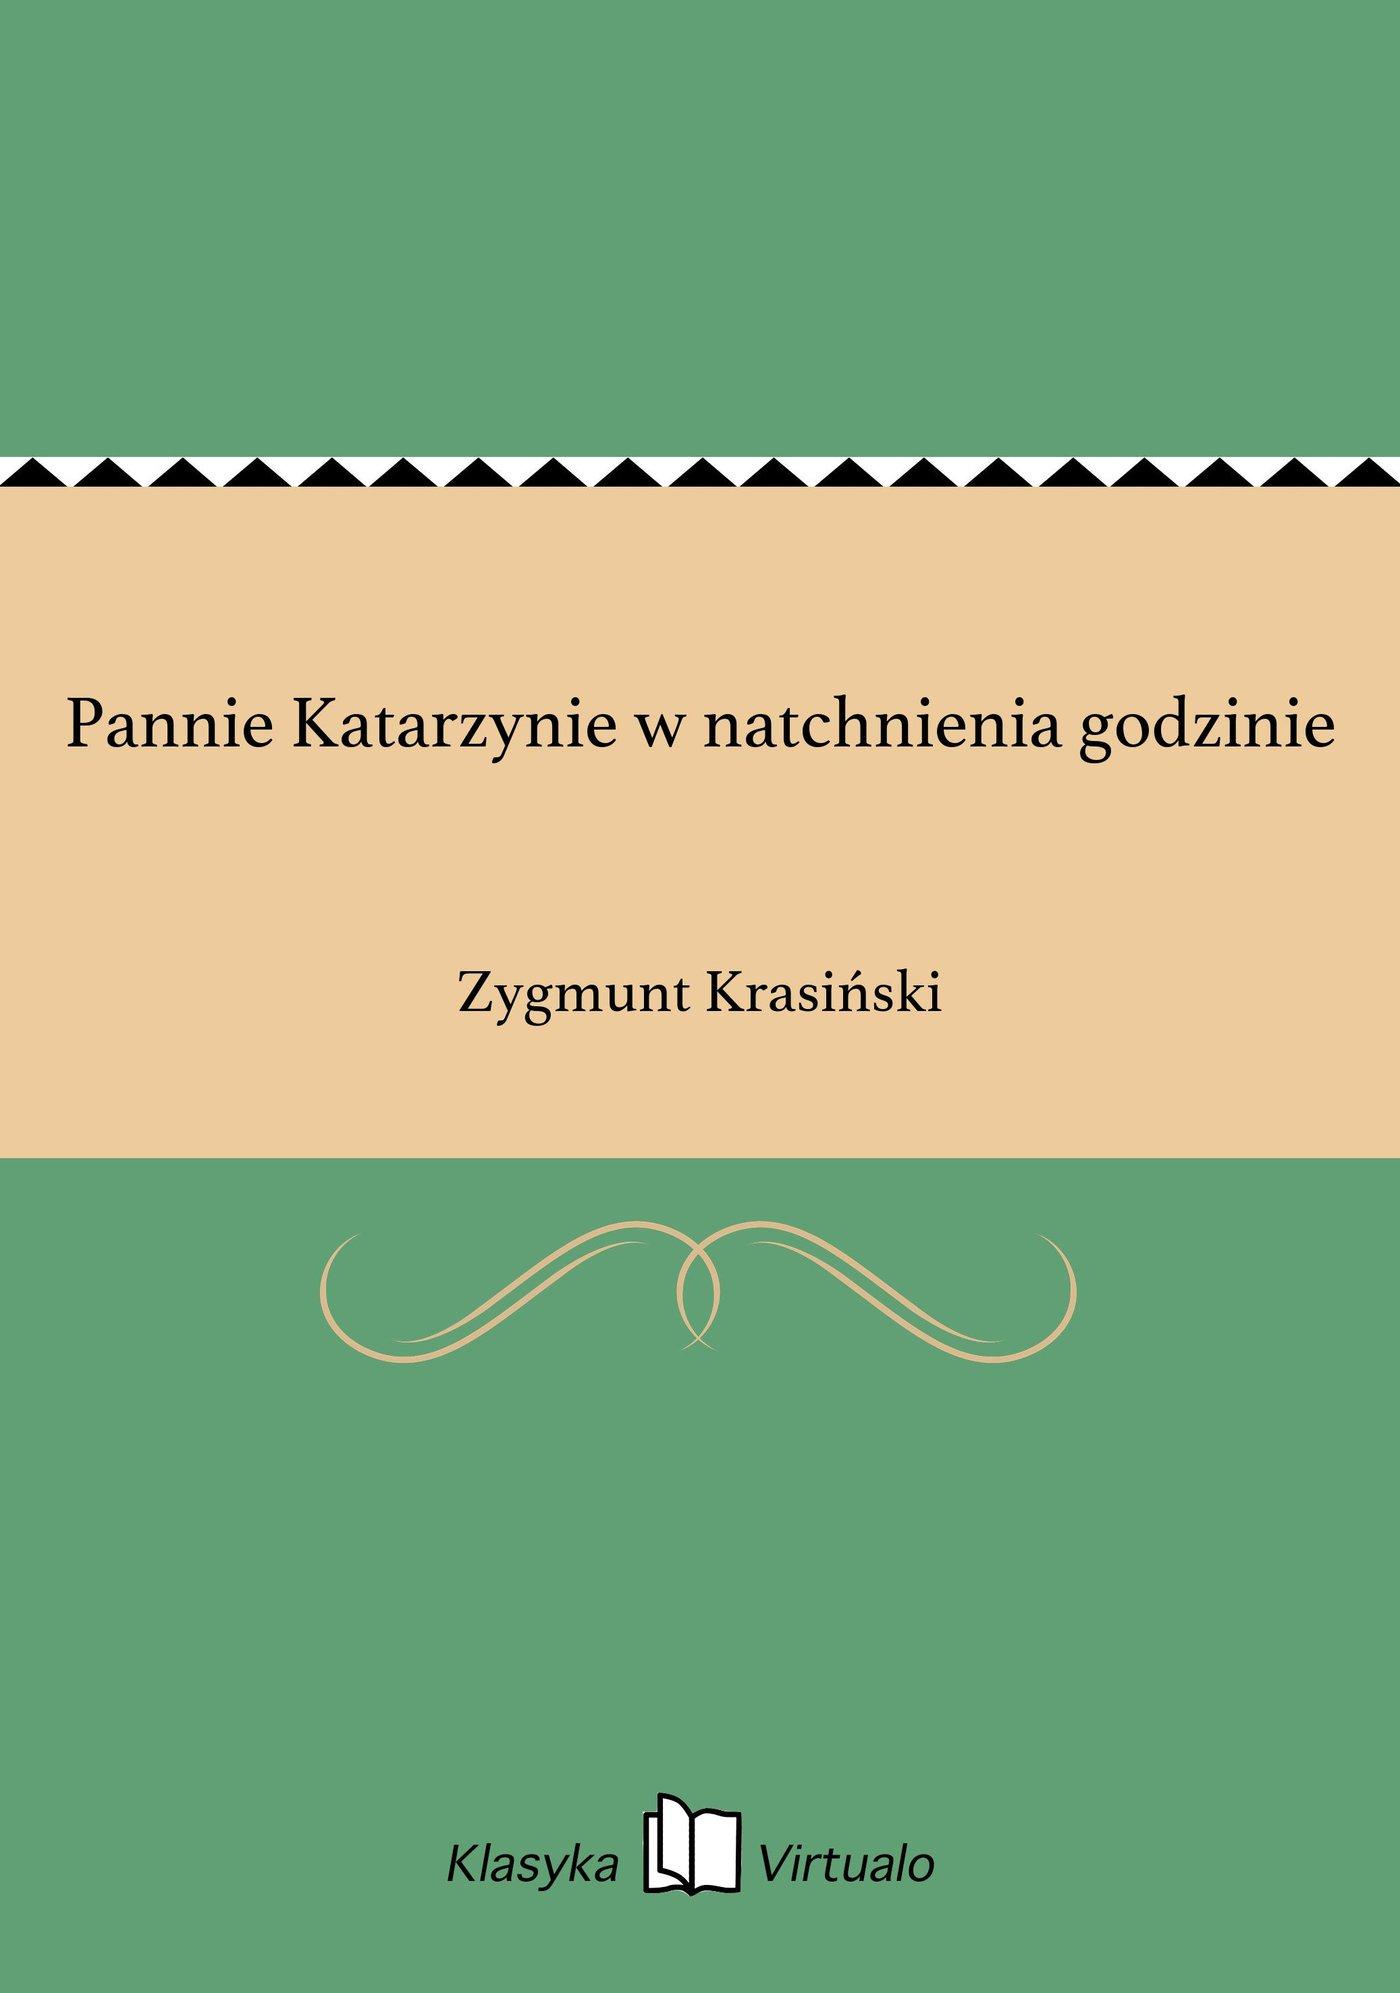 Pannie Katarzynie w natchnienia godzinie - Ebook (Książka EPUB) do pobrania w formacie EPUB